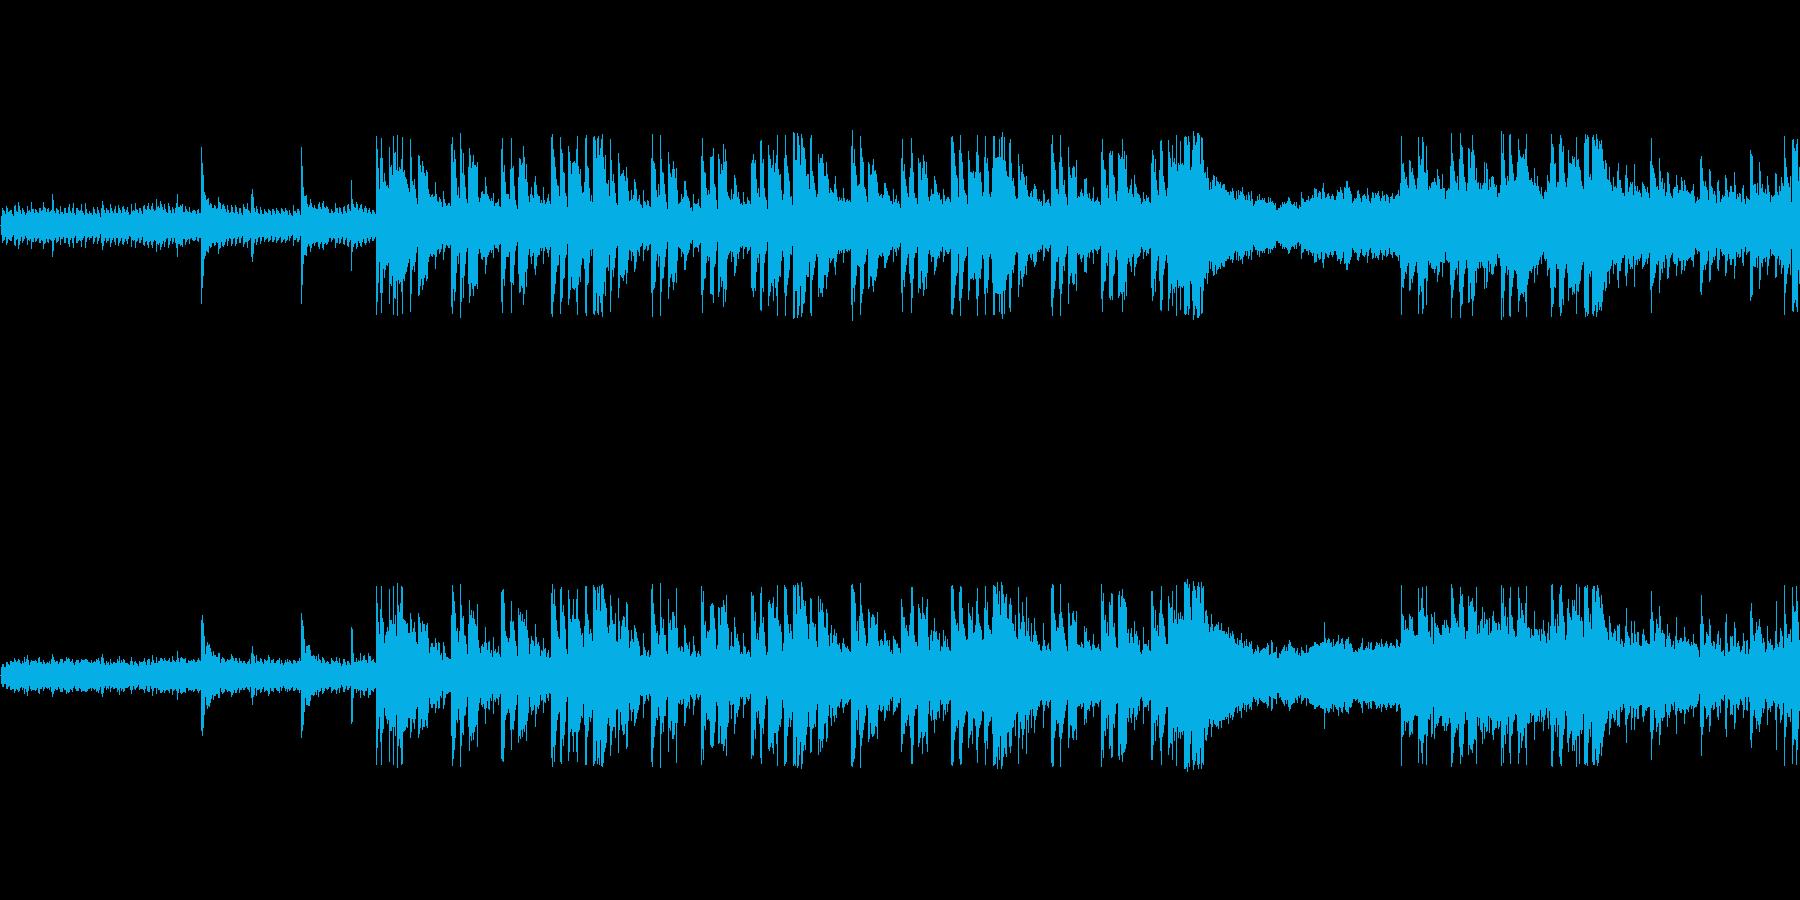 和風ループ音源【-20dBFS】の再生済みの波形